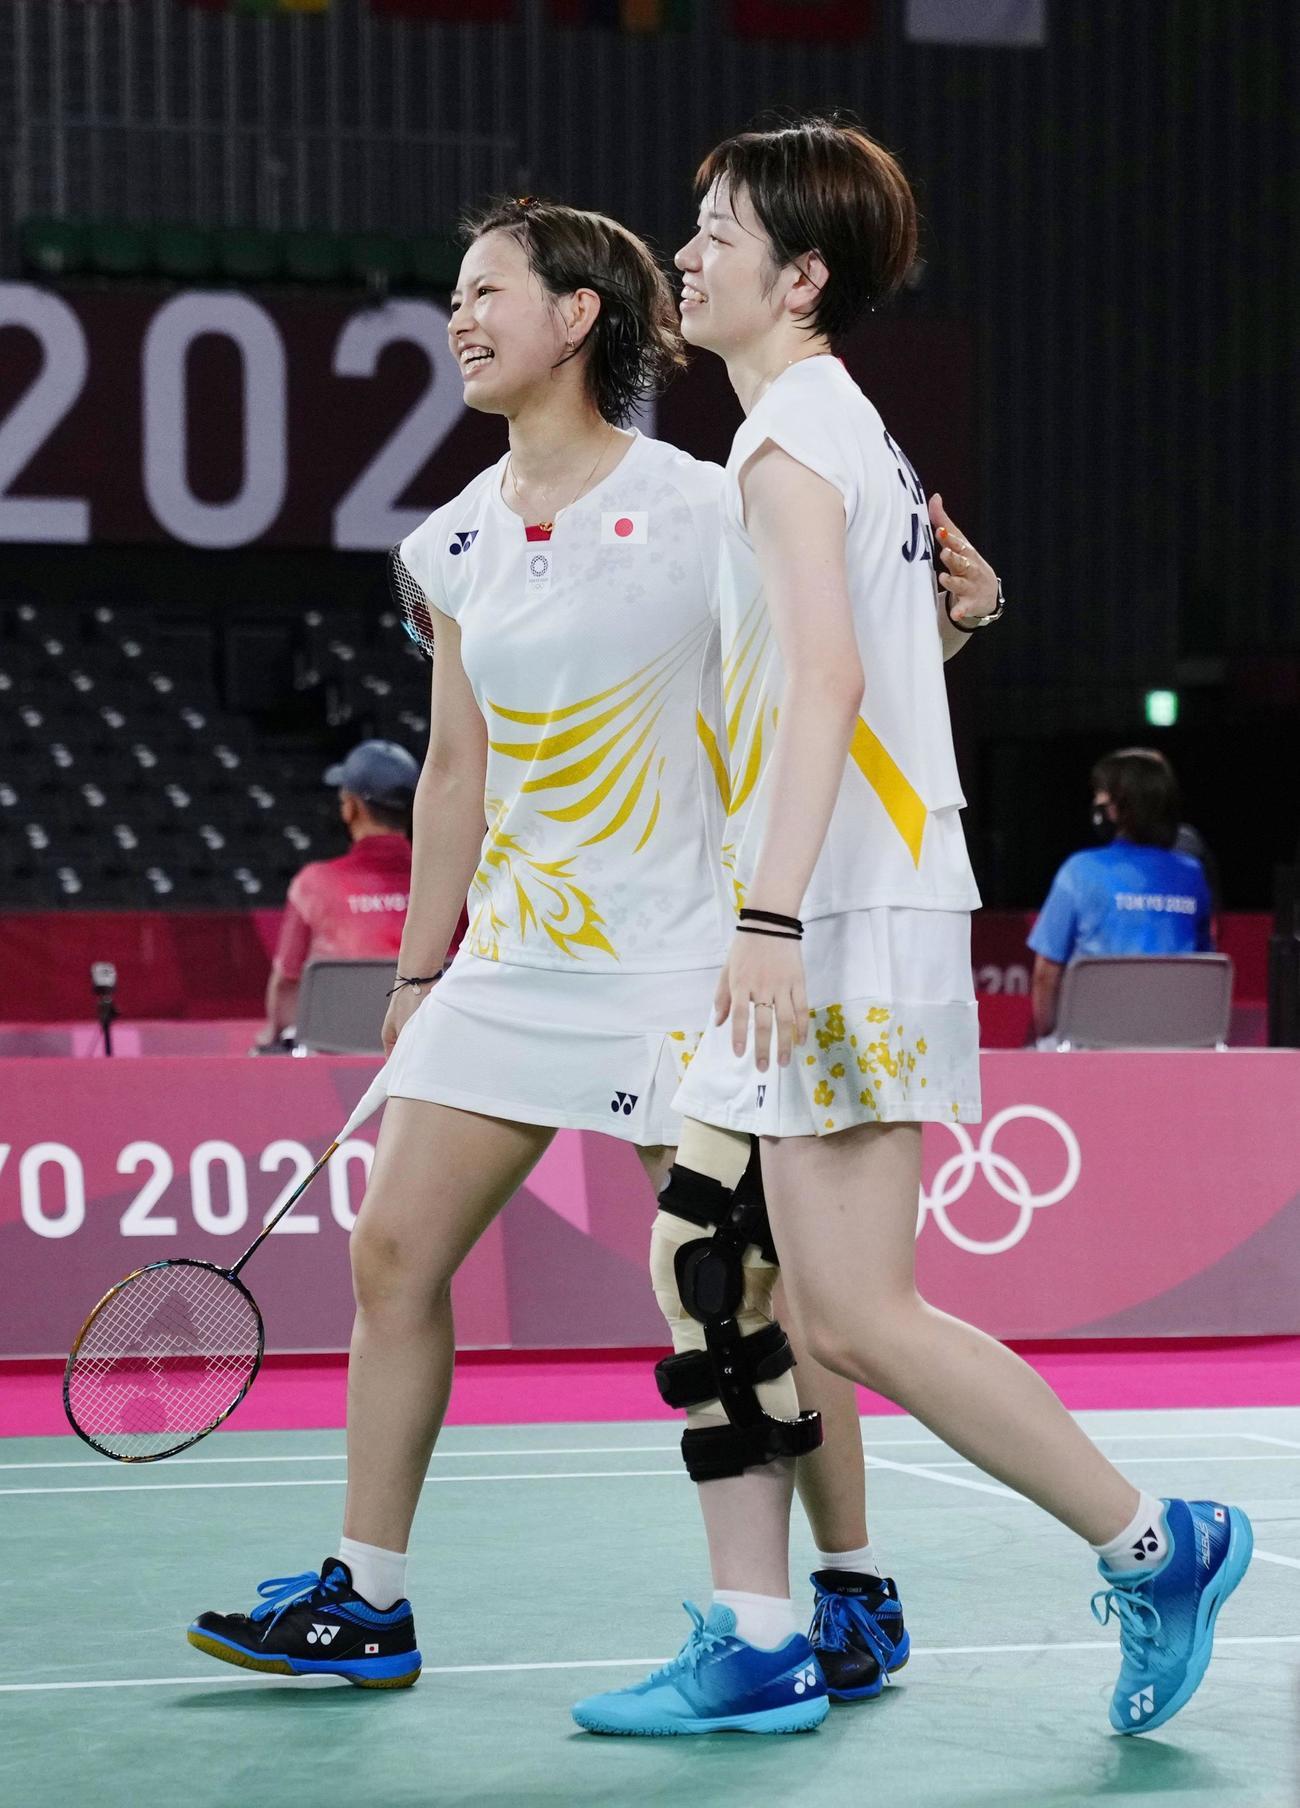 女子ダブルス1次リーグ マレーシアペアに勝利し笑顔の福島由紀(左)、広田彩花組(共同)